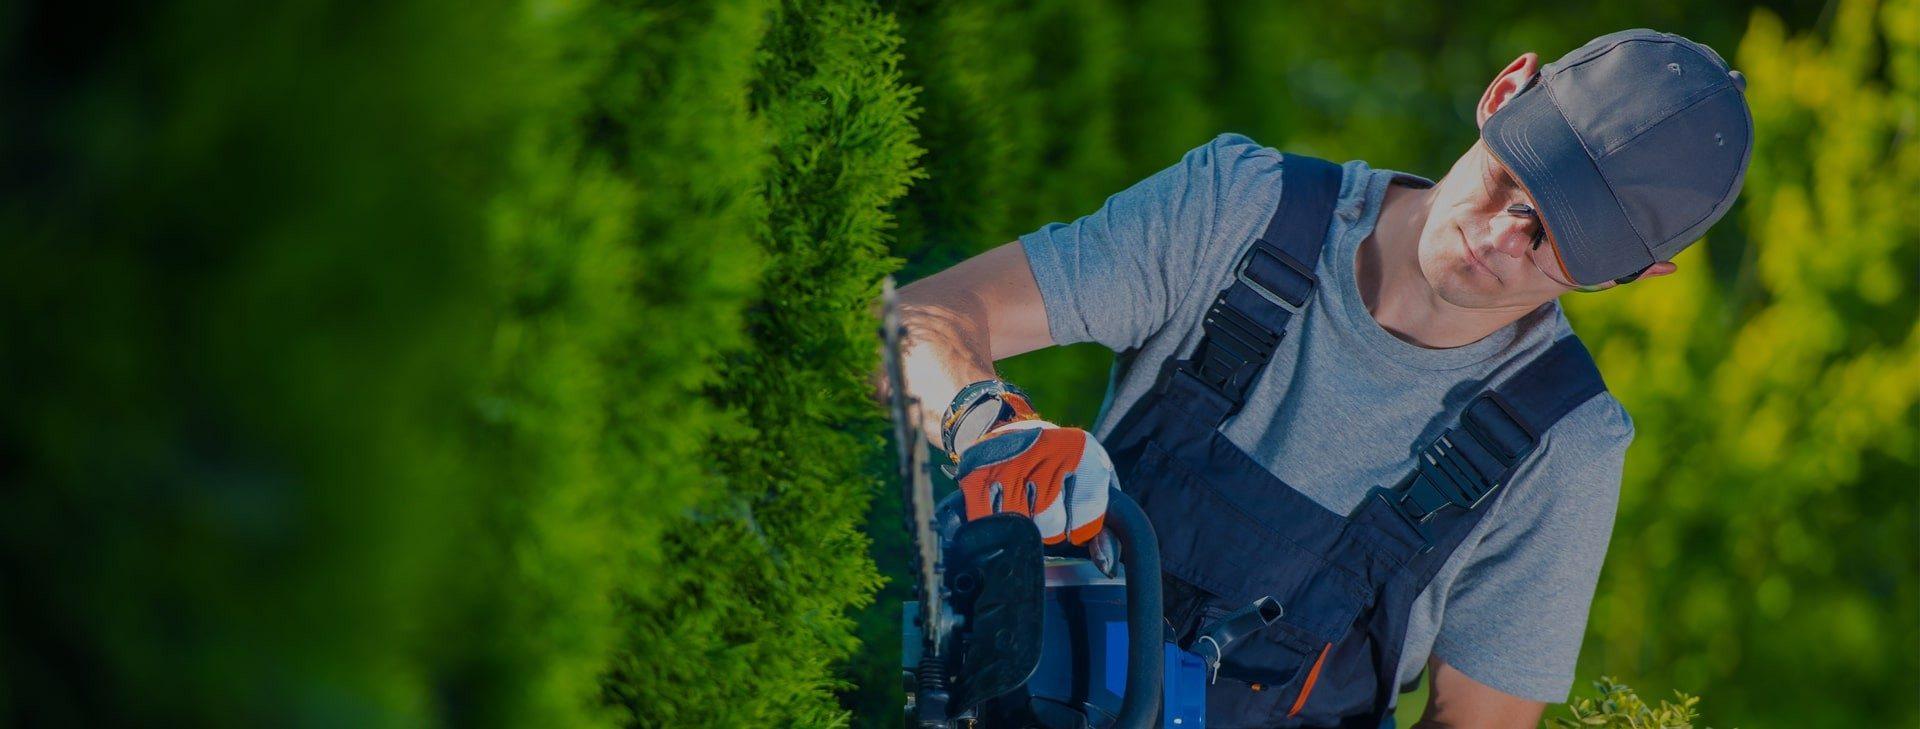 trimming-shrubs